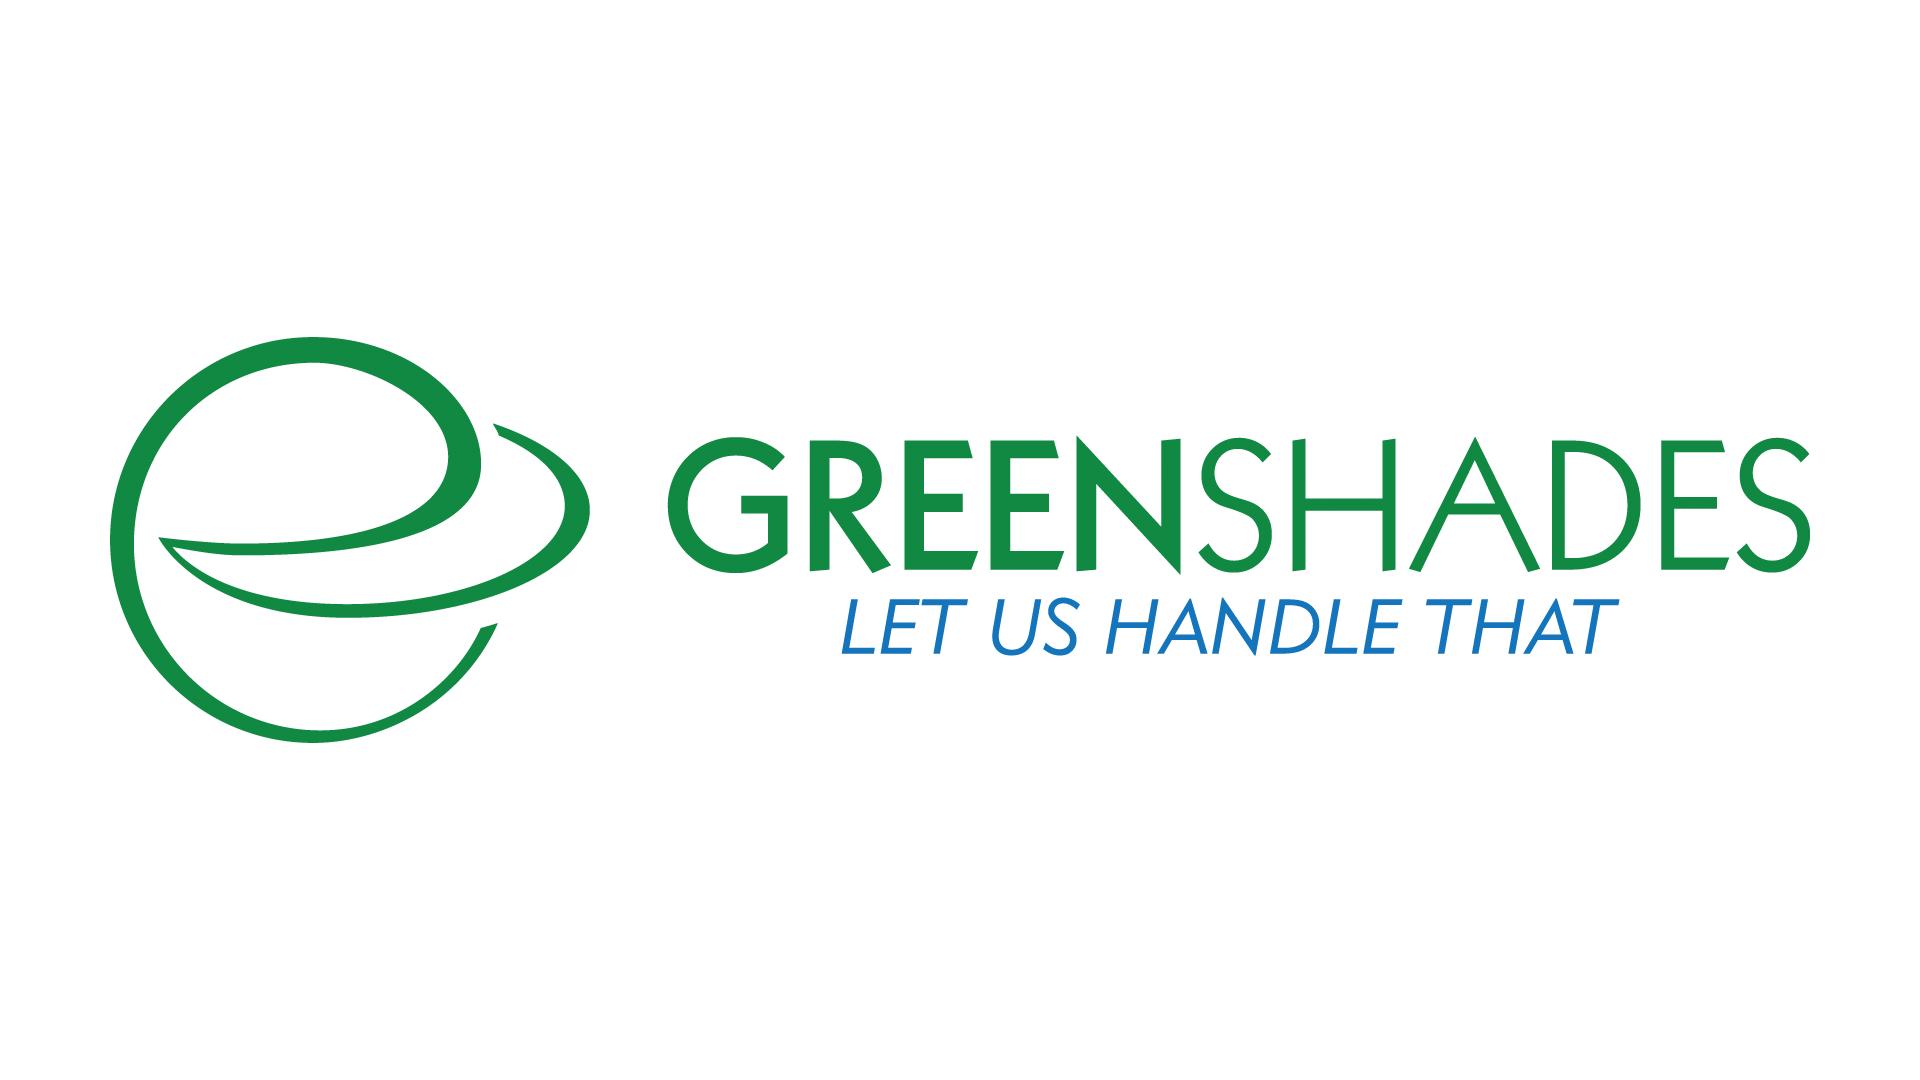 greenshades logo color 1920x1080 1